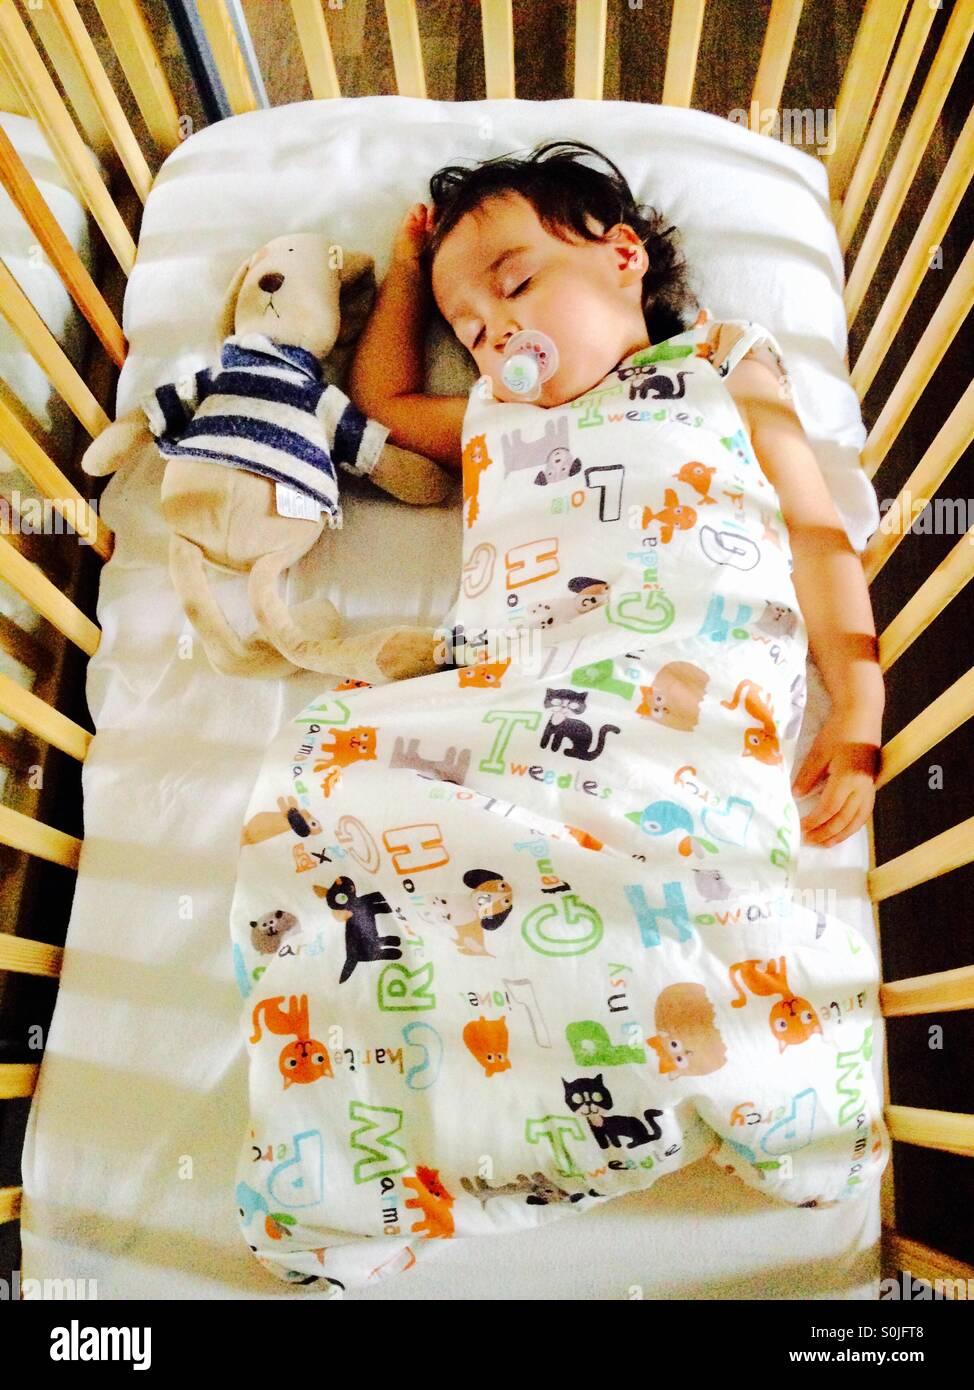 Dormir Toddler Imagens de Stock